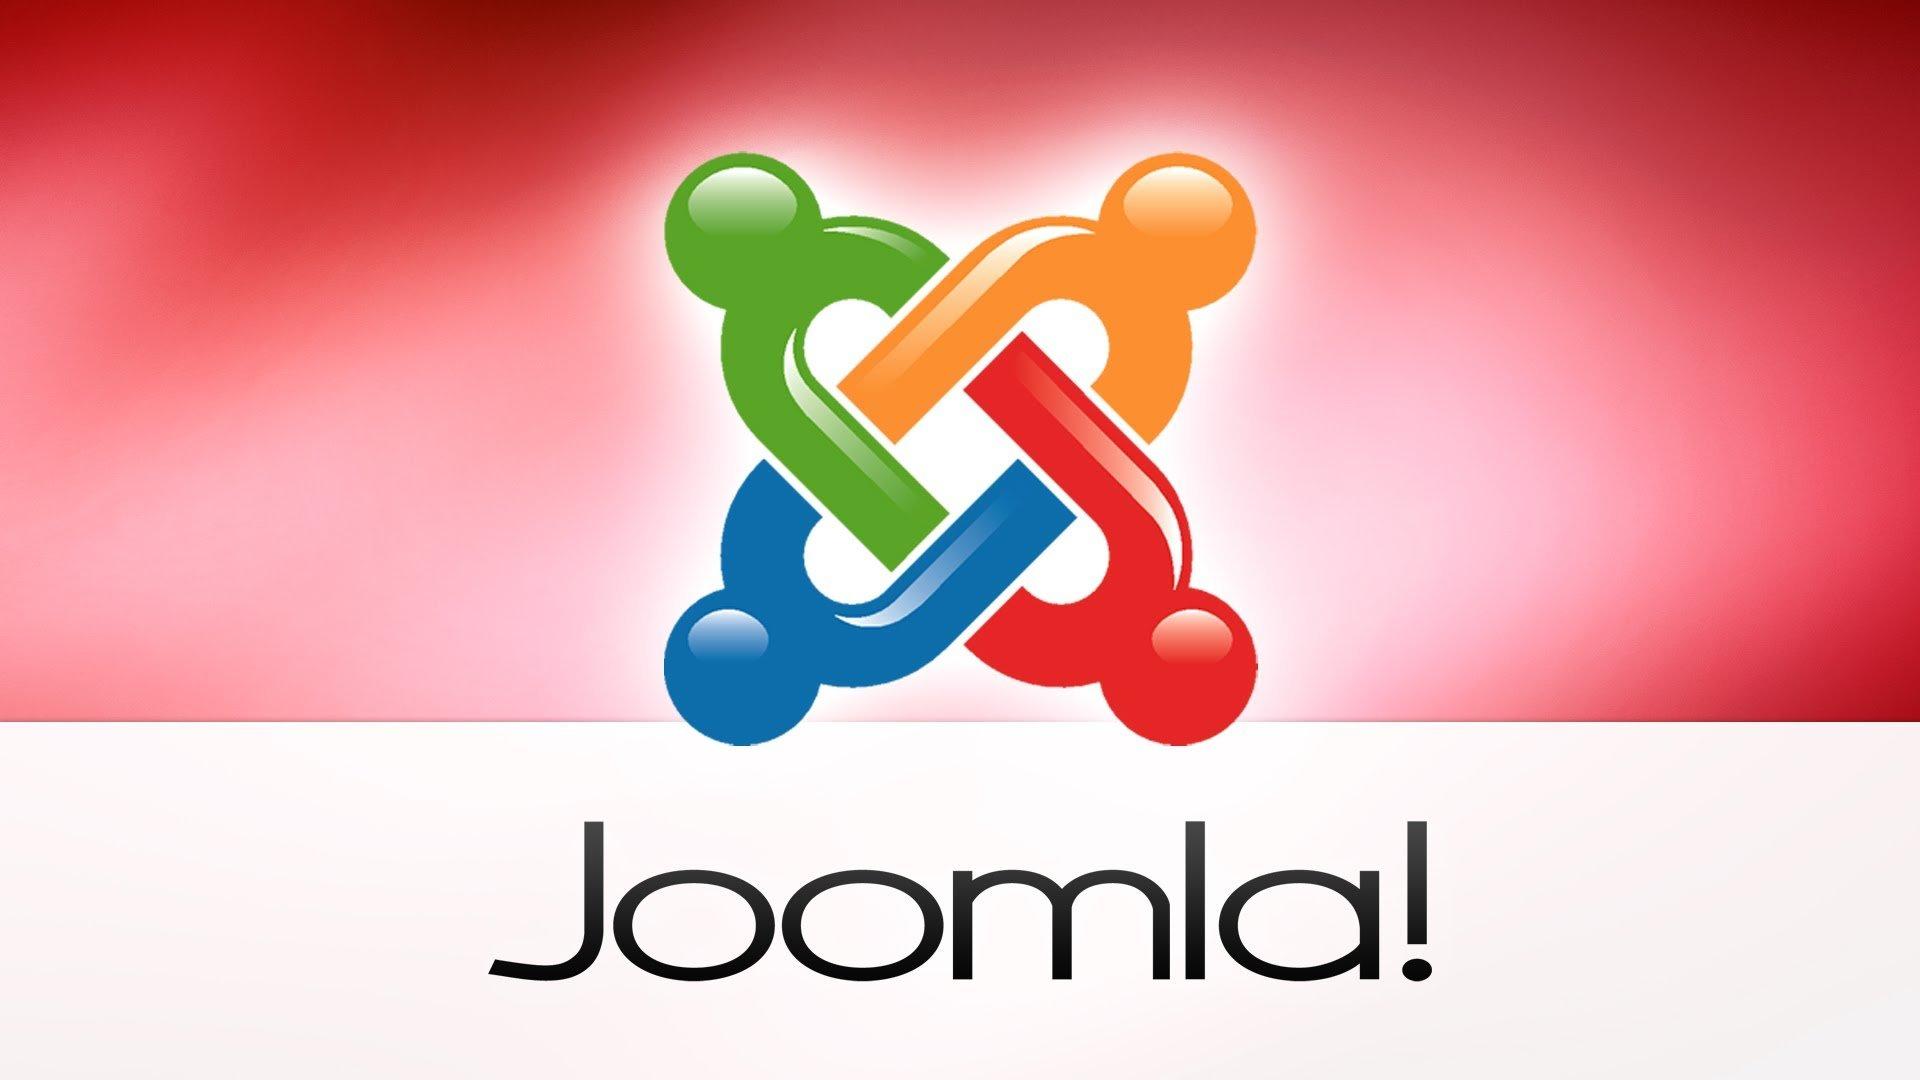 آشنایی با جوملا، به منظور انتقال وبسایت از جوملا به وردپرس